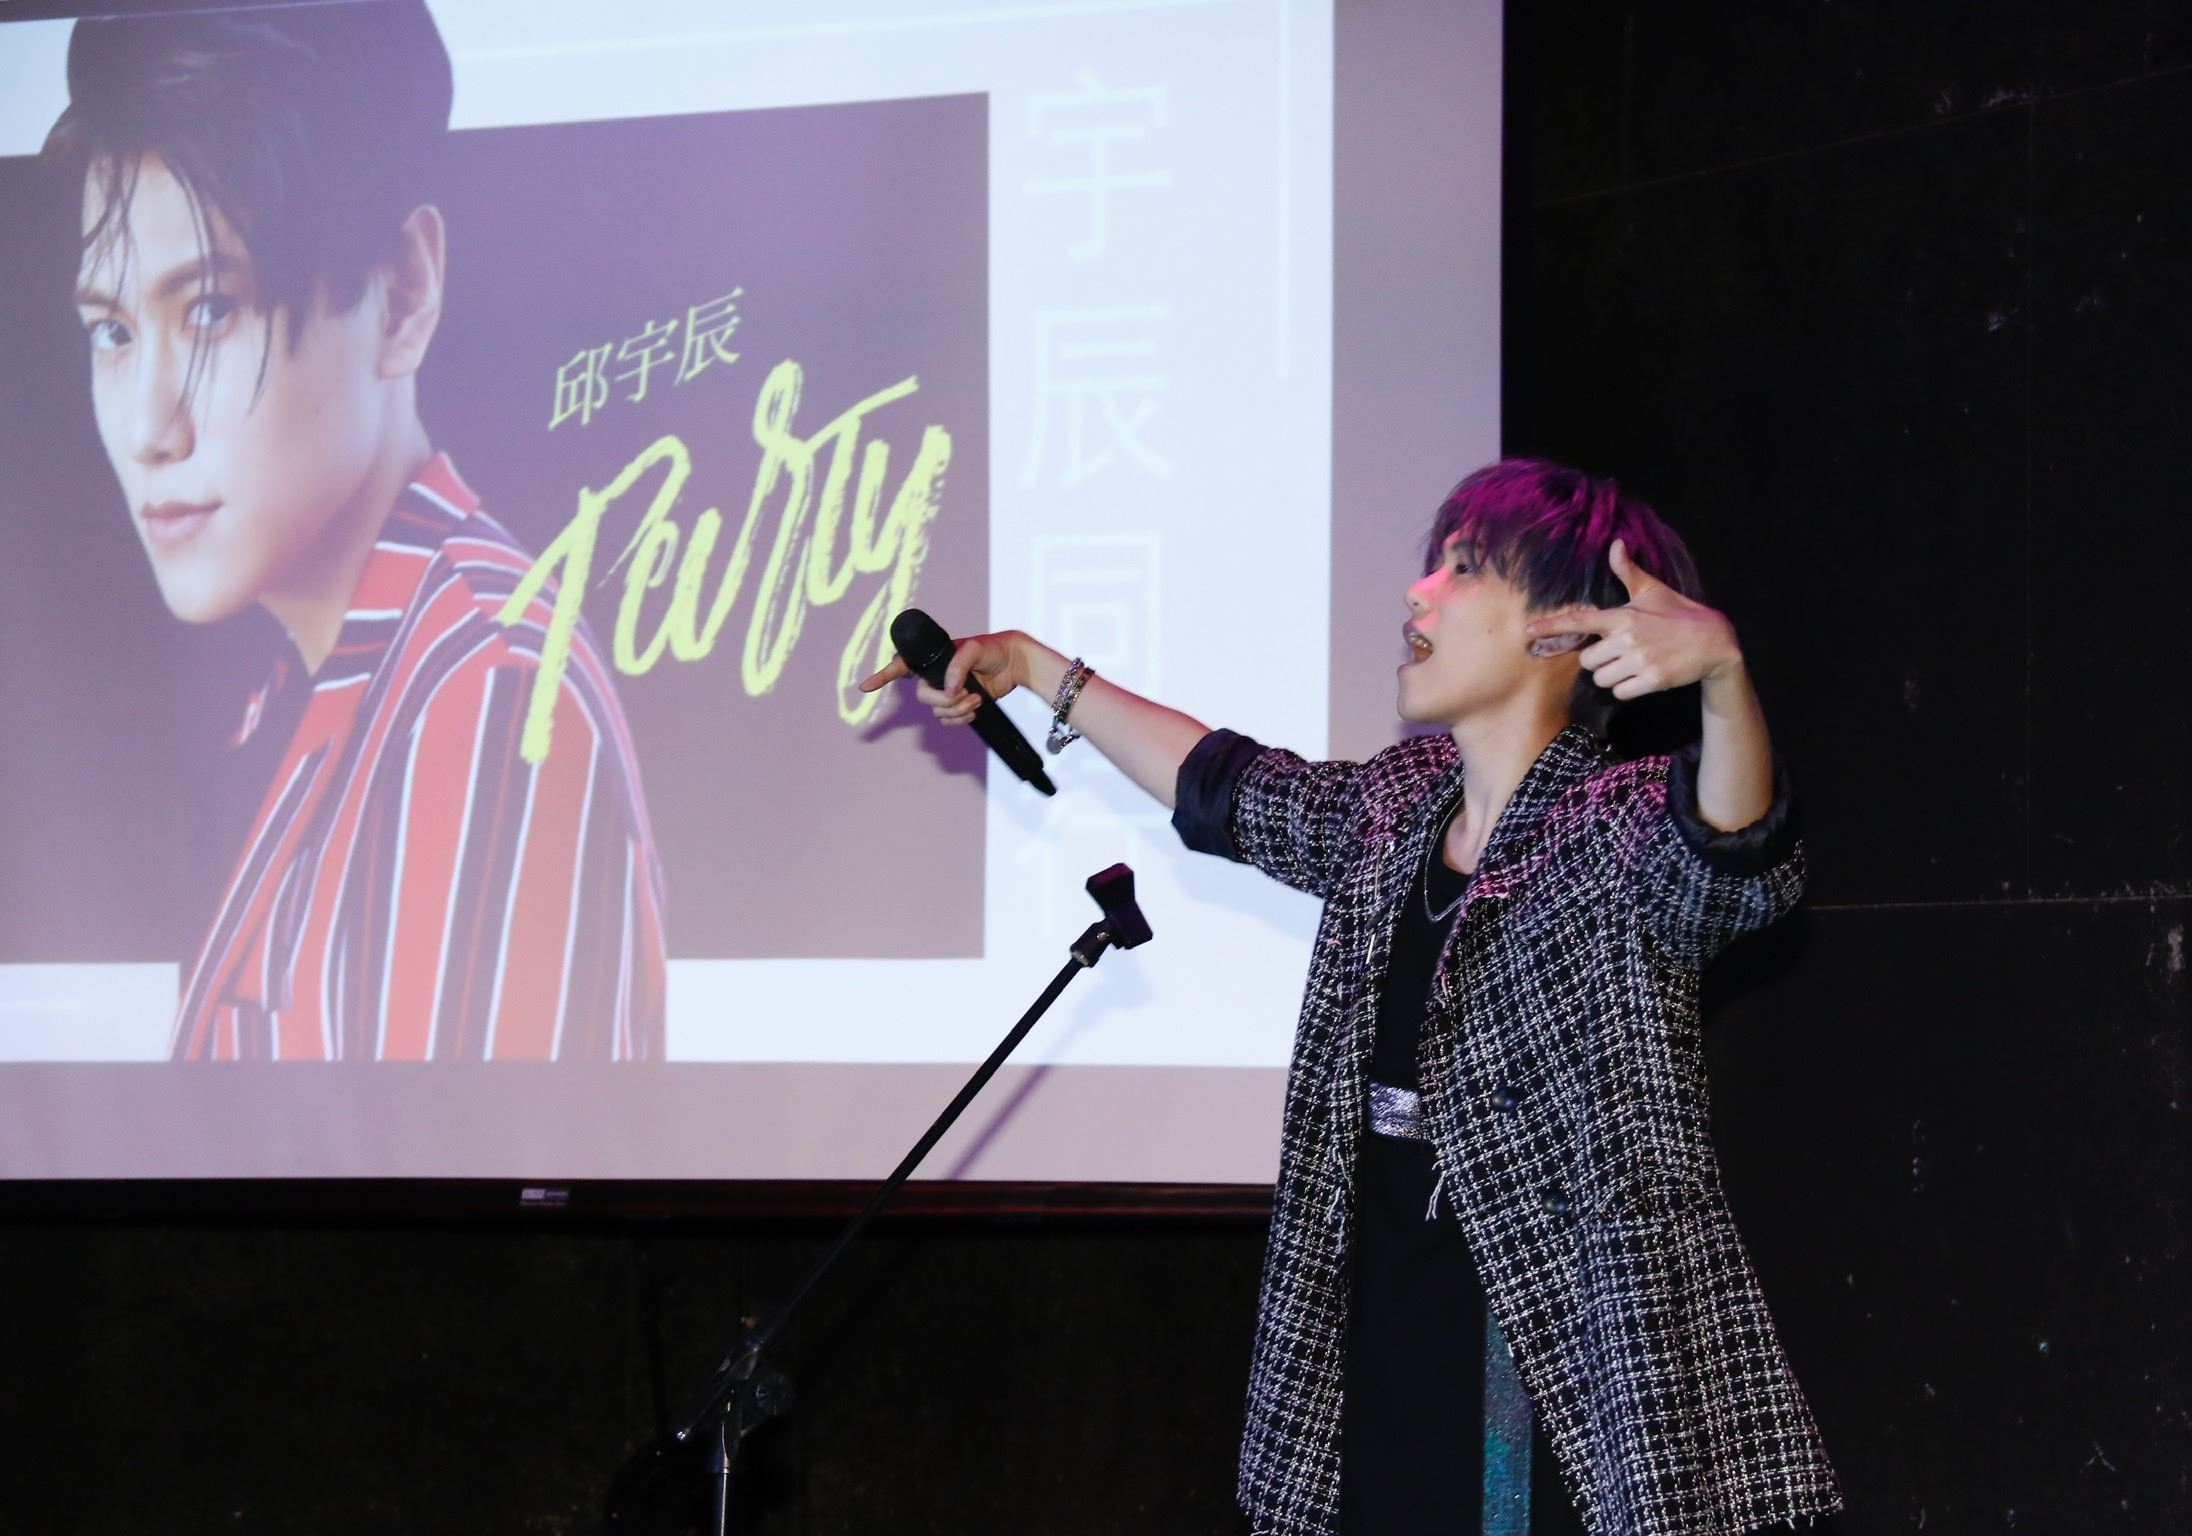 「毛弟」邱宇辰舉辦一年一度「宇辰同行」粉絲生日會。(圖/記者林聖凱攝影)